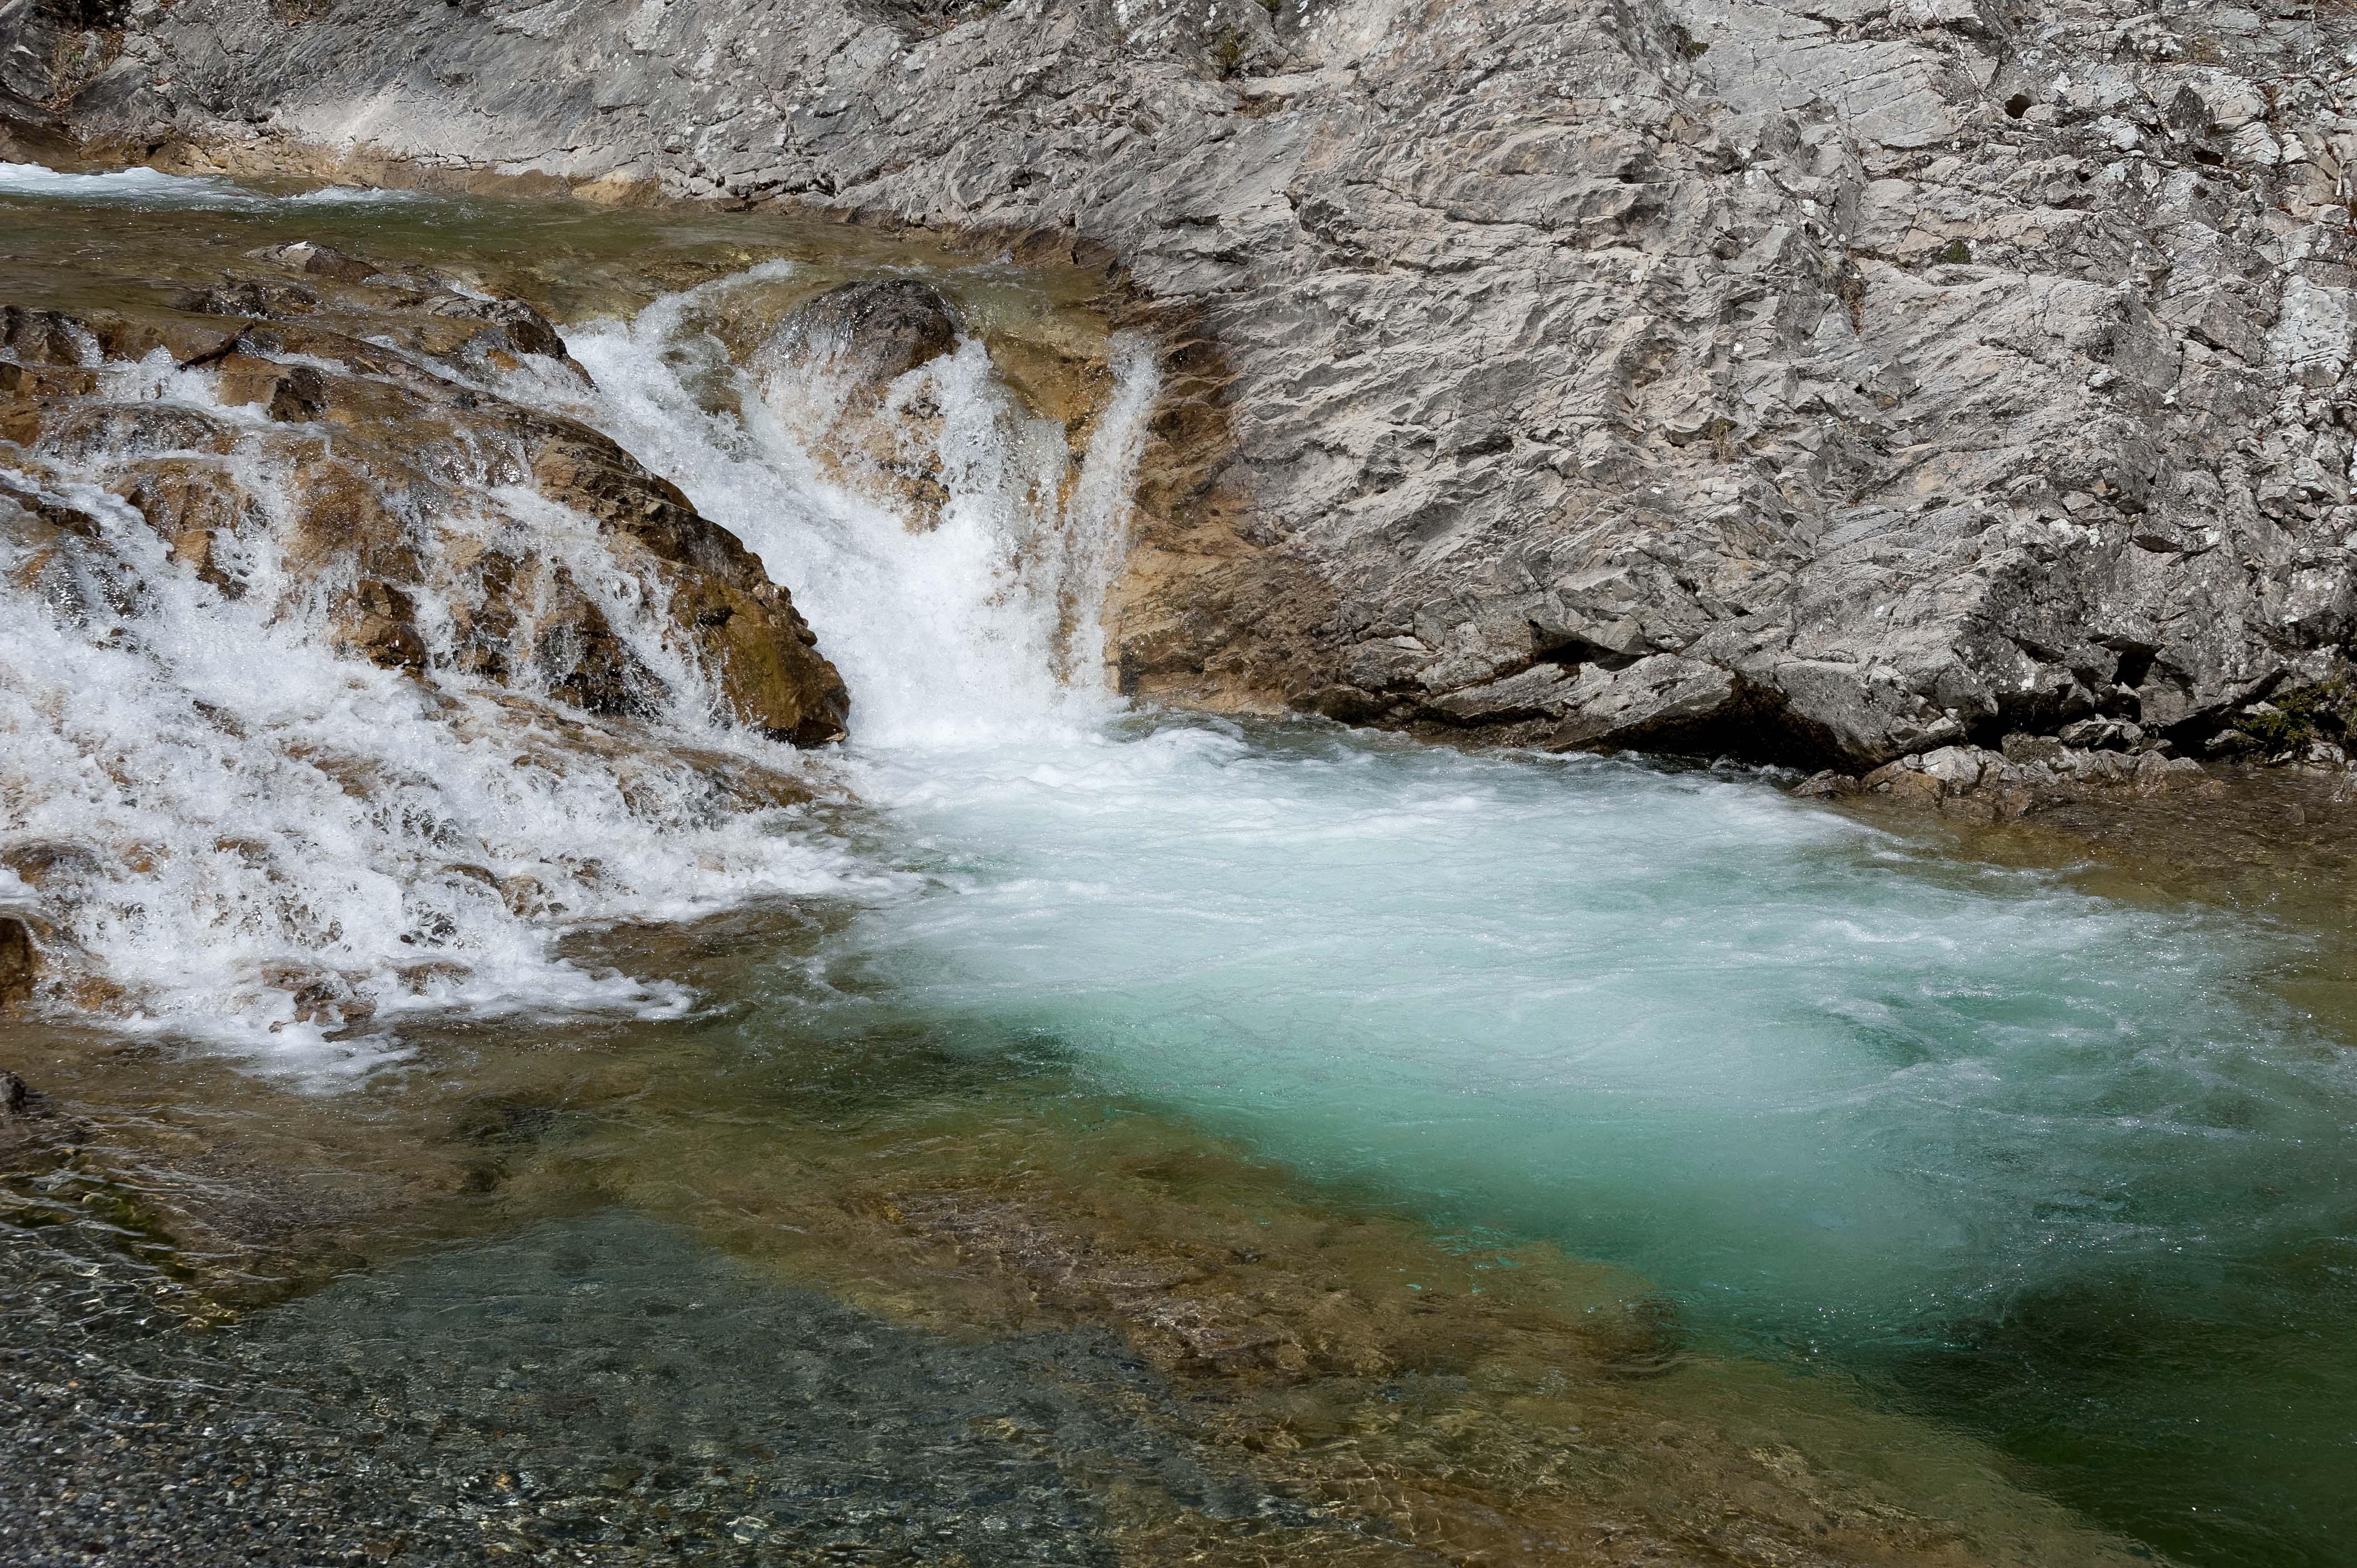 5300_Canyon de Anisclo (Sobrarbe Aragon)